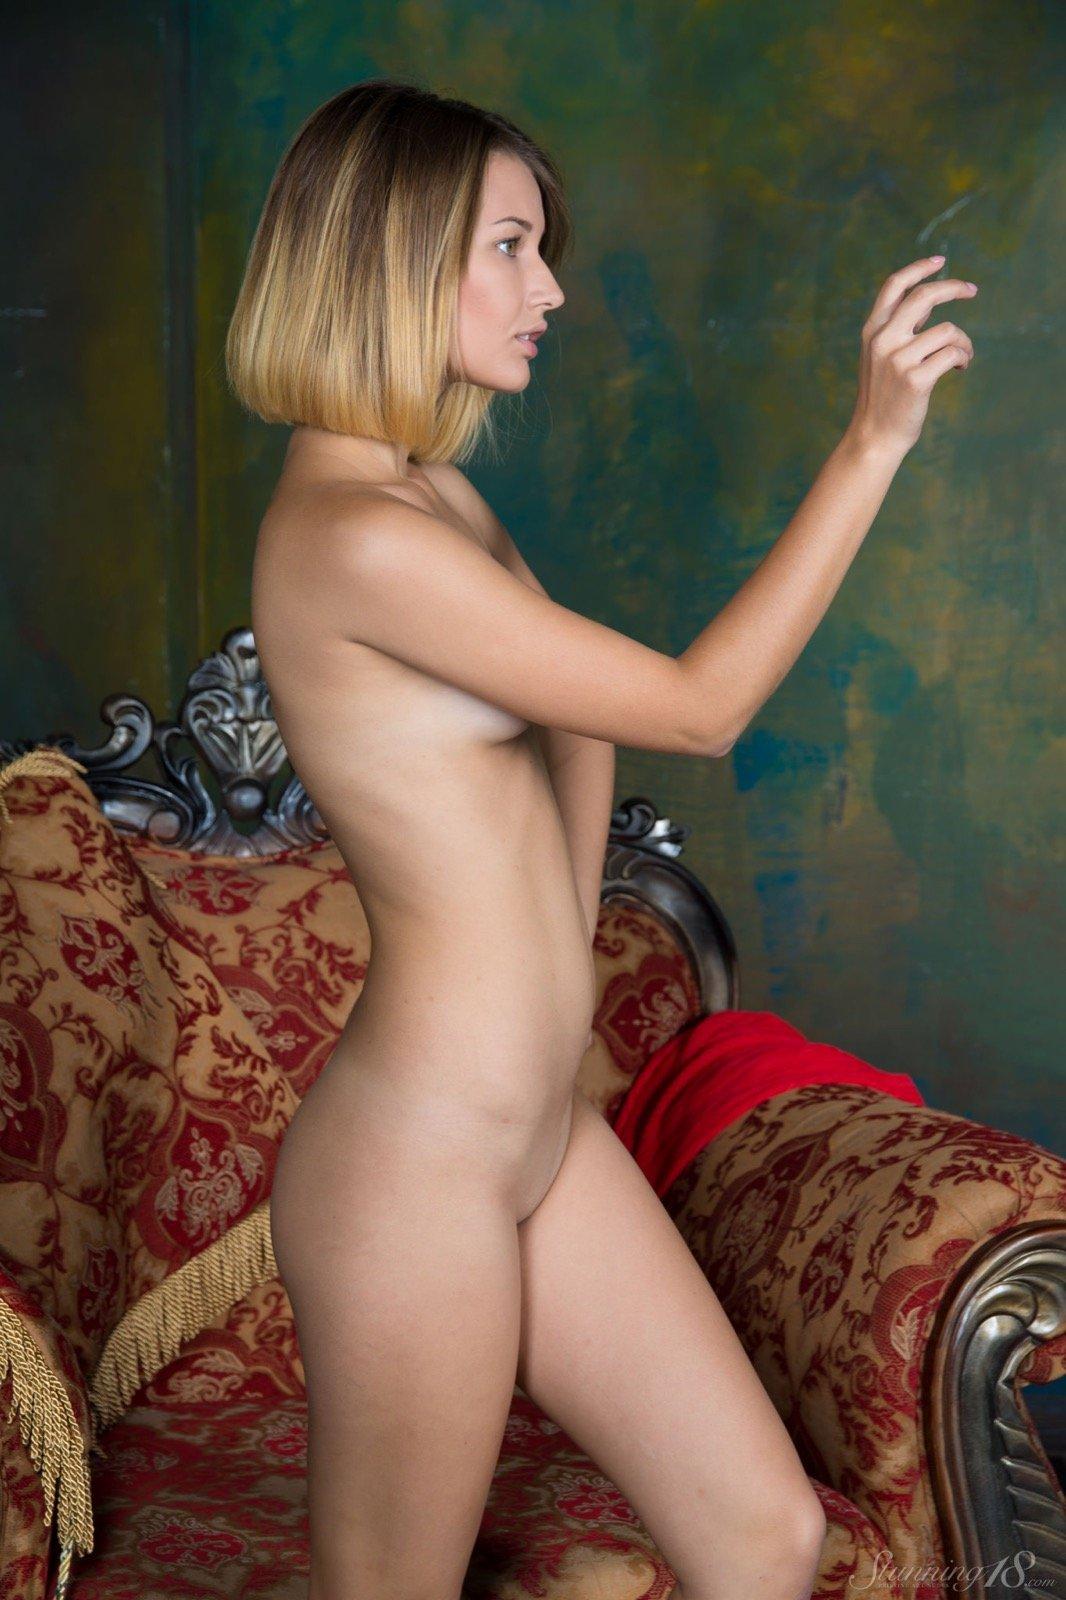 Сняв платье красотка сфотографировала тело сидя в кресле секс фото